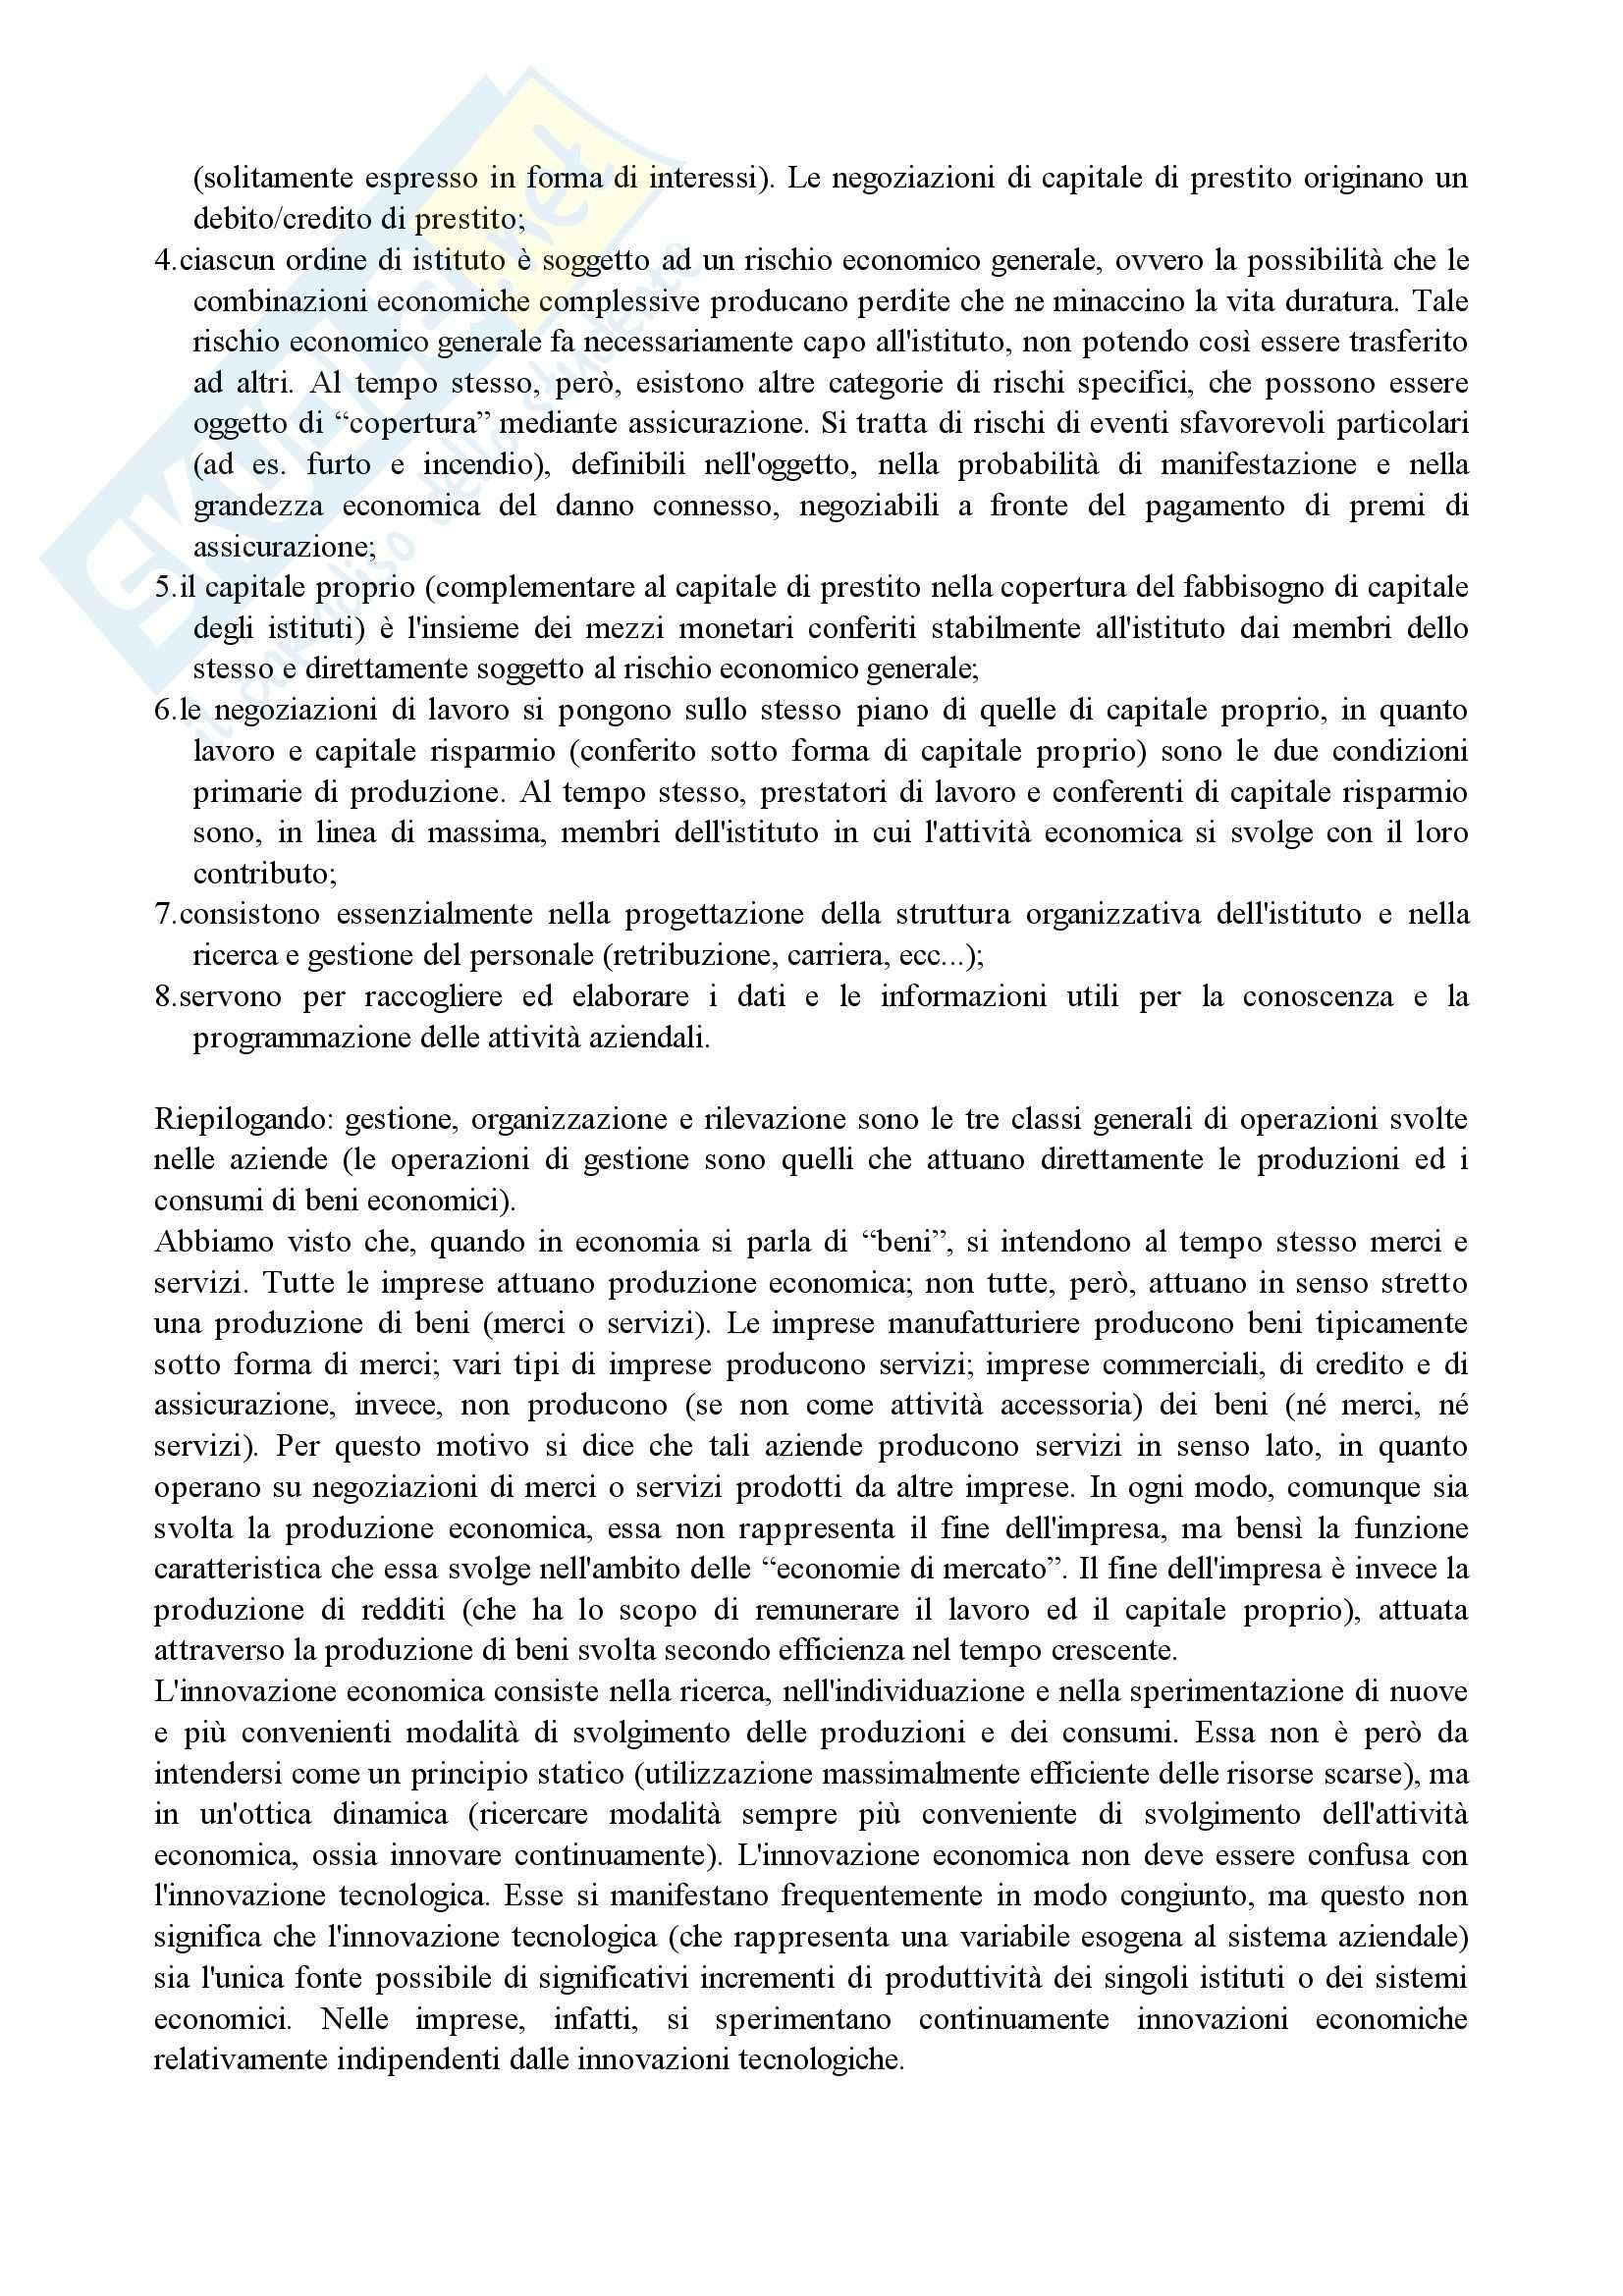 Economia aziendale - Appunti Pag. 2